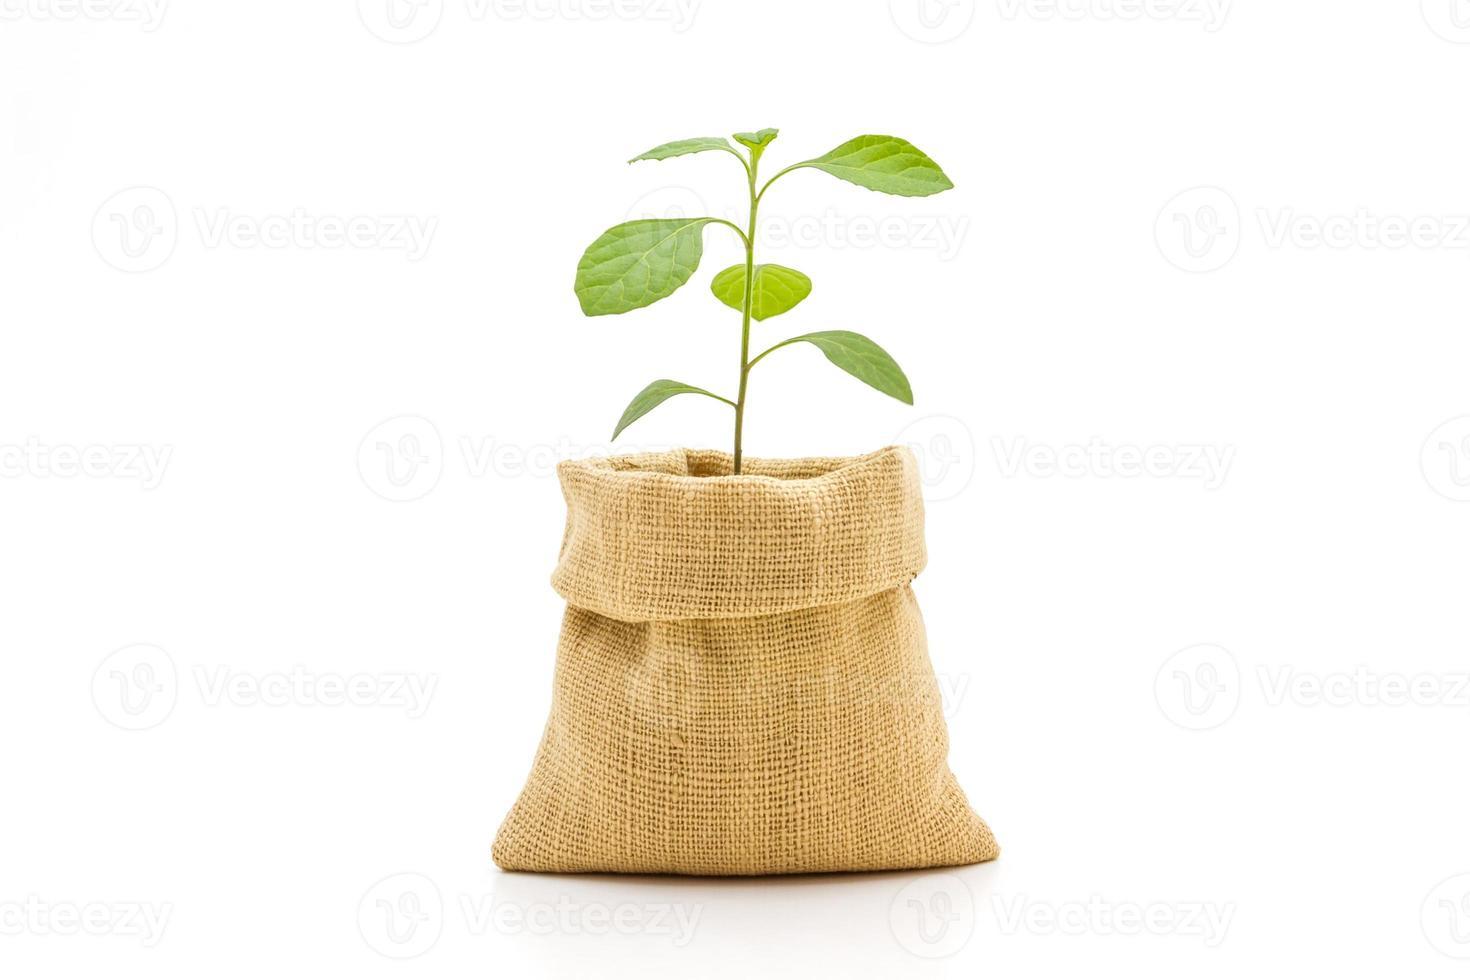 giovane pianta in borsa. foto